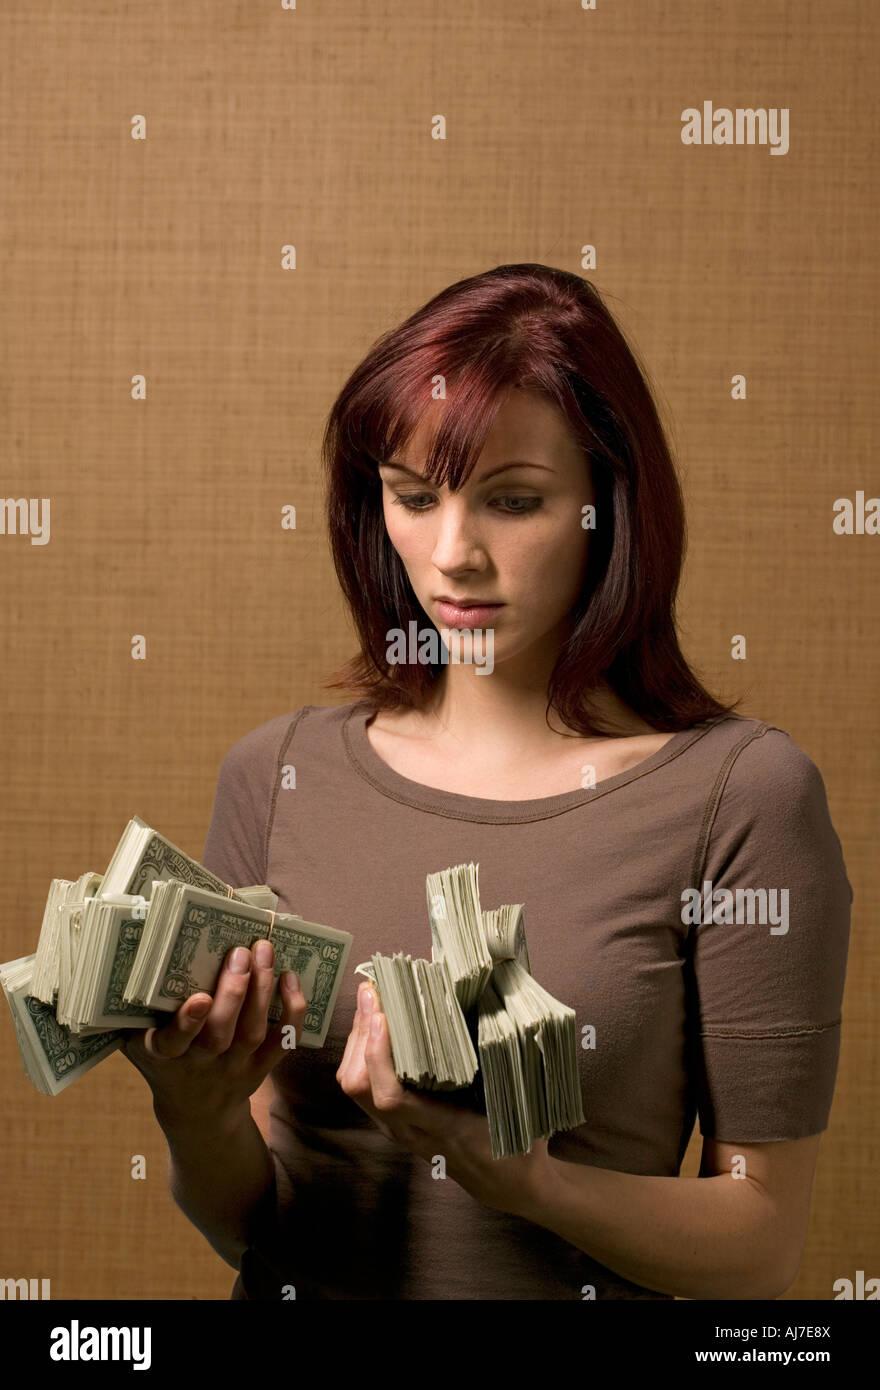 dinero escolta cabello rojo